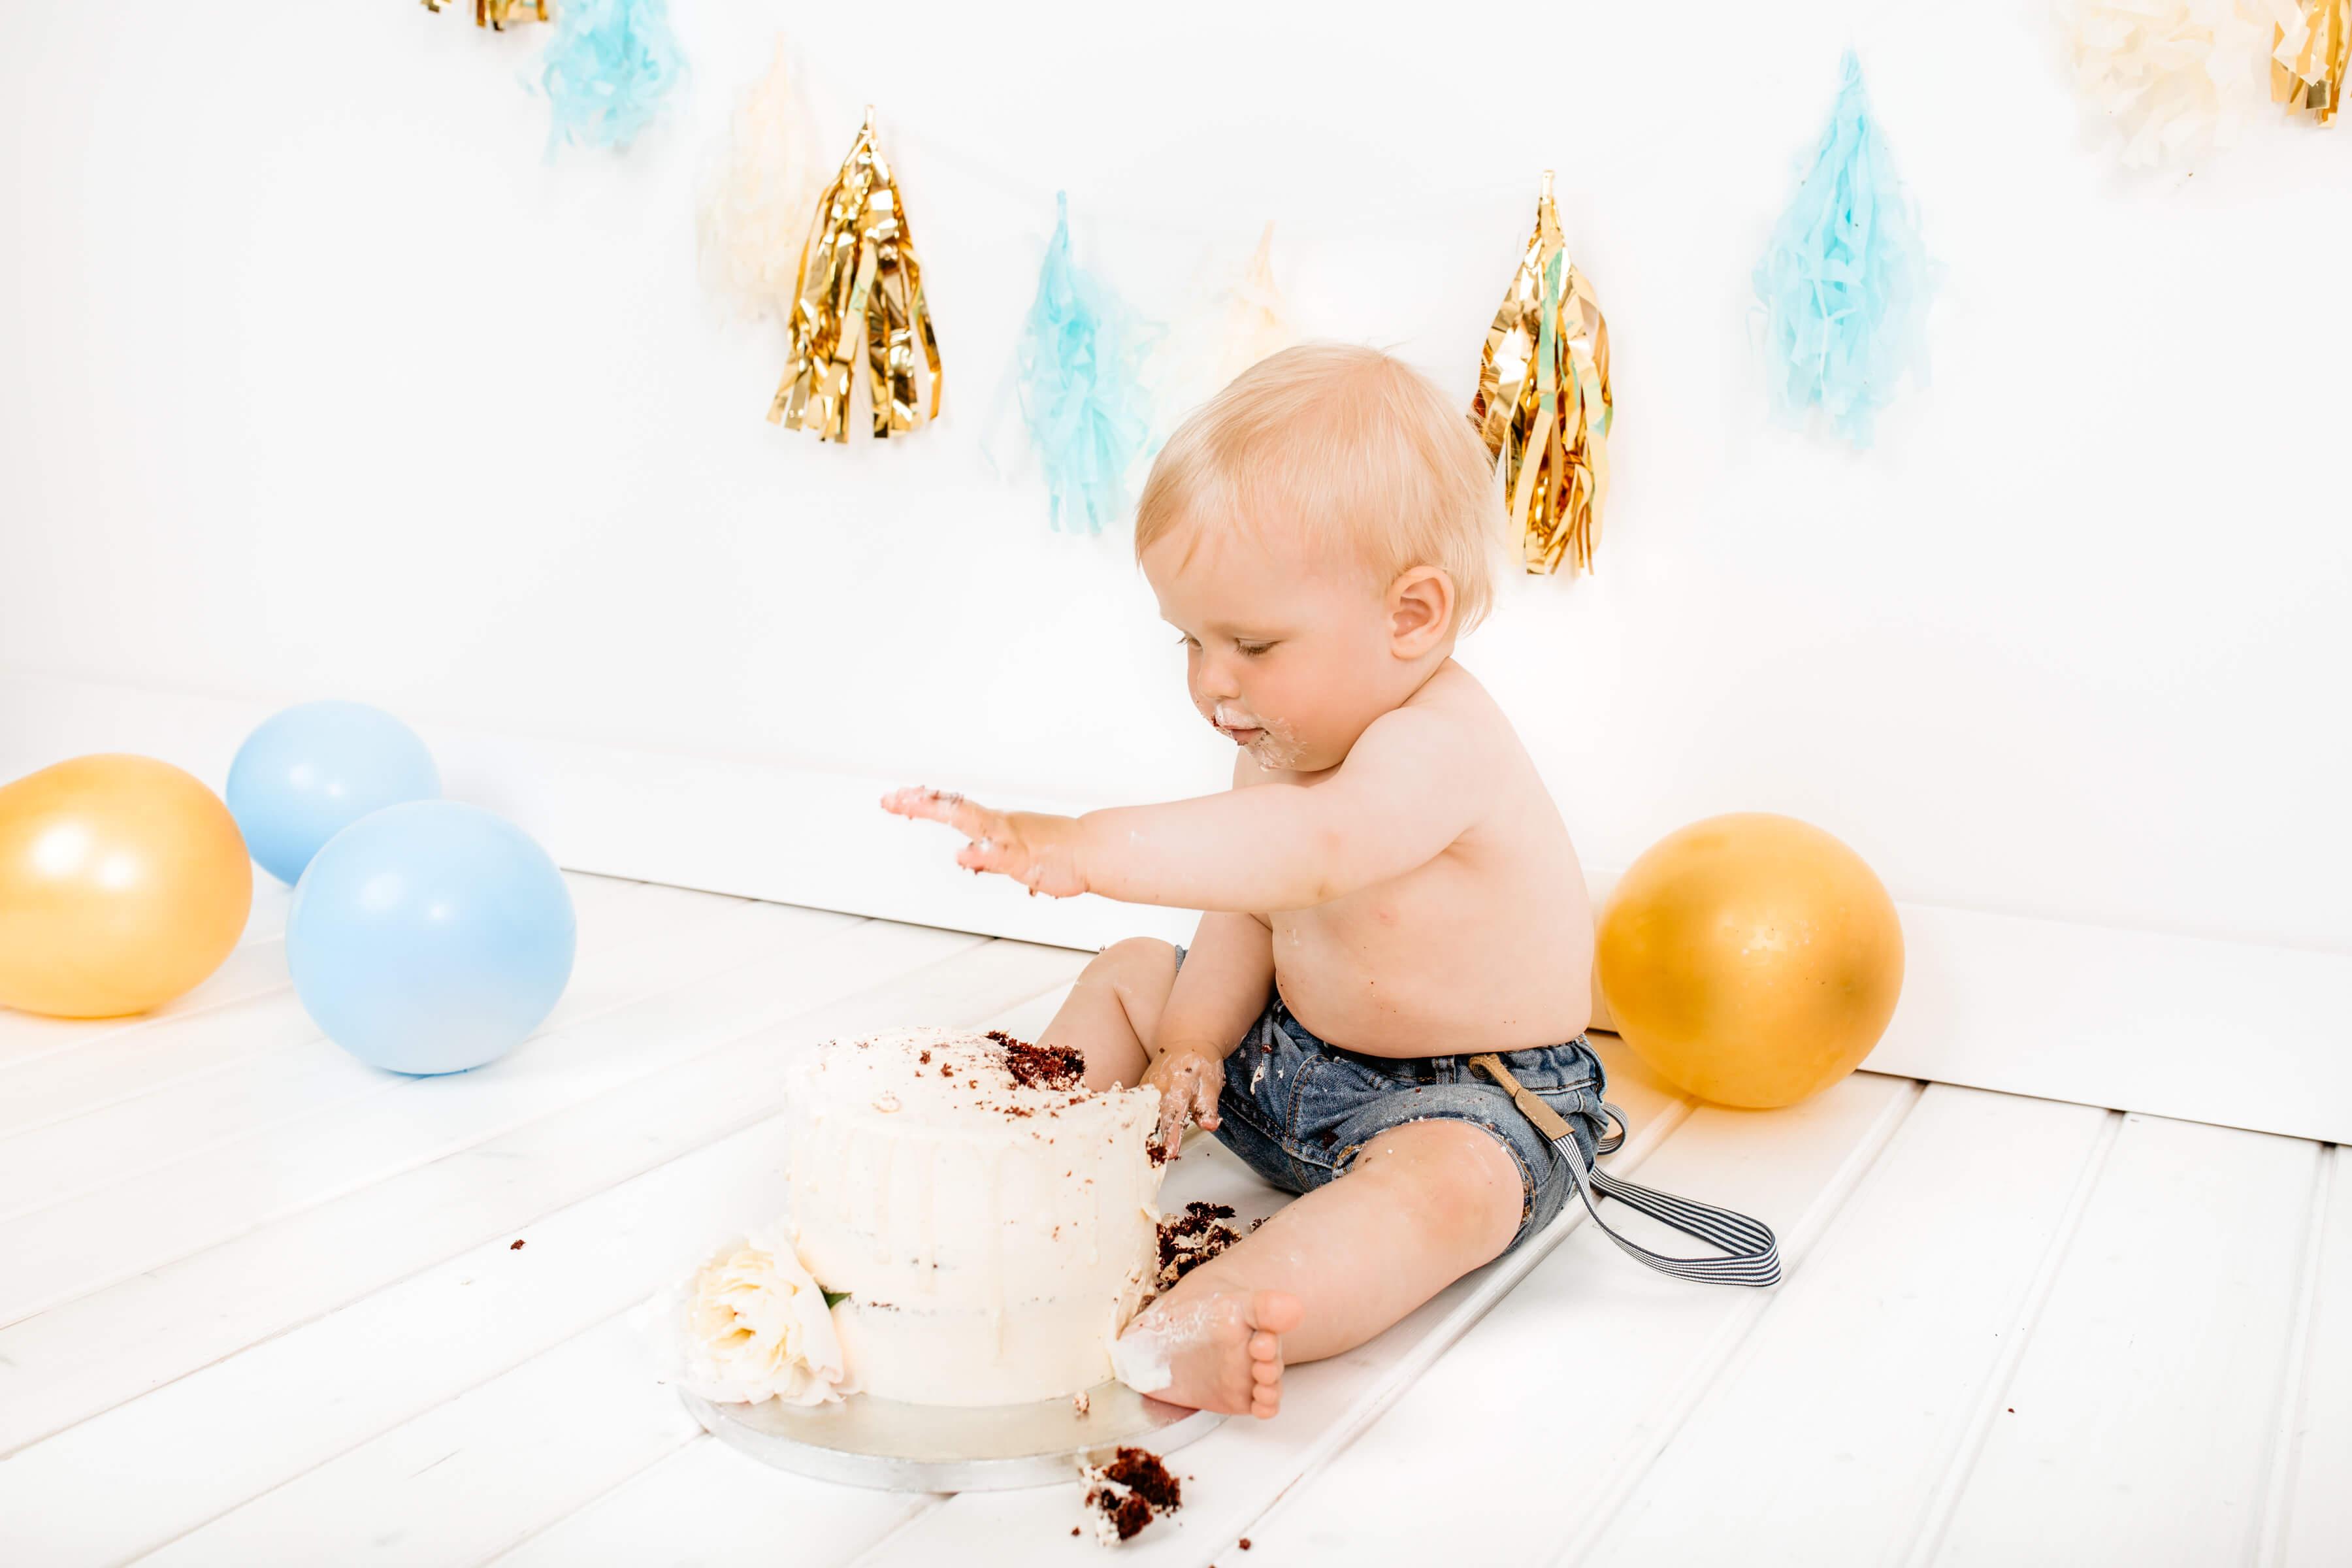 Cake-smash-fotografiranje-Luanina-pravljica-fotografiranje-nosecnic-novorojenckov-druzin-malckov-4